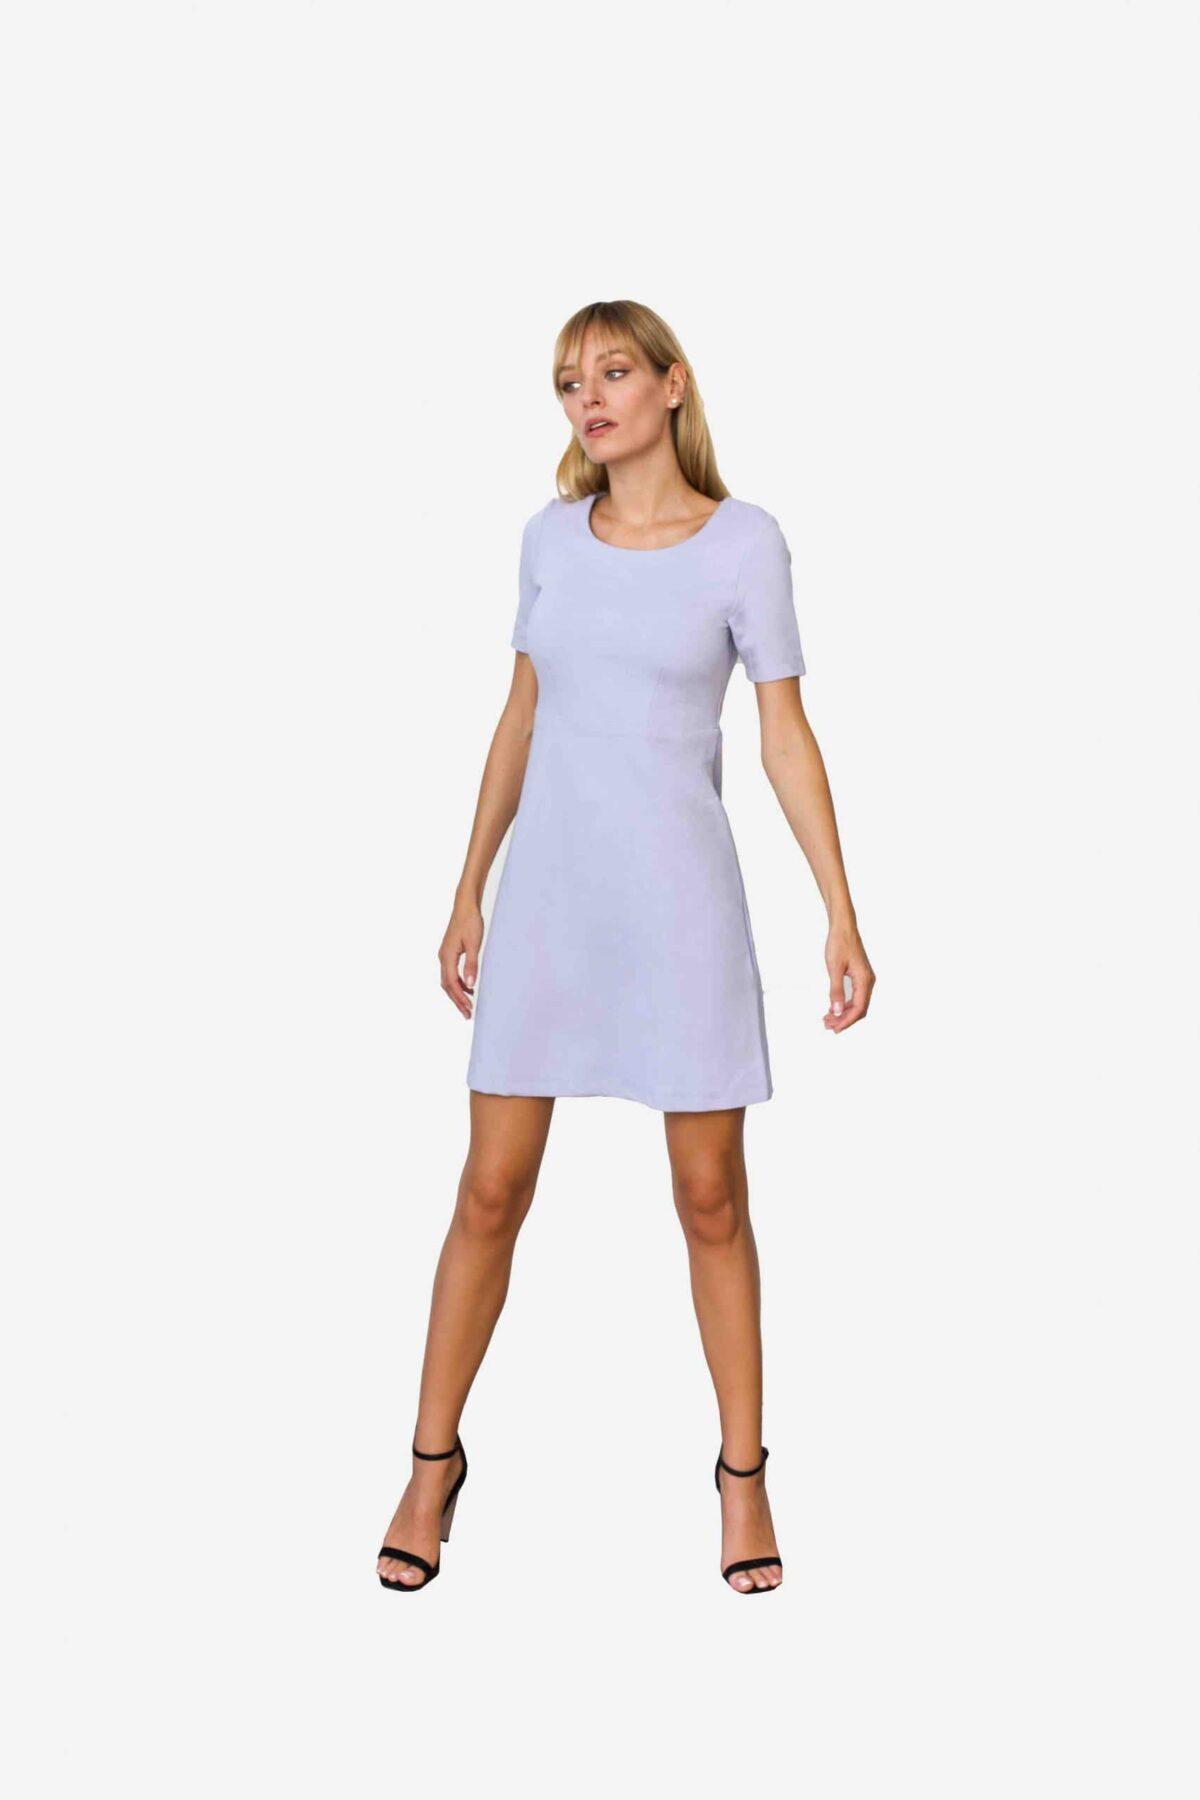 Kleid Audrey von SANOGE. Kurzes Etuikleid mit Abnähern in Flieder lila blau. Aus Premium Jersey.